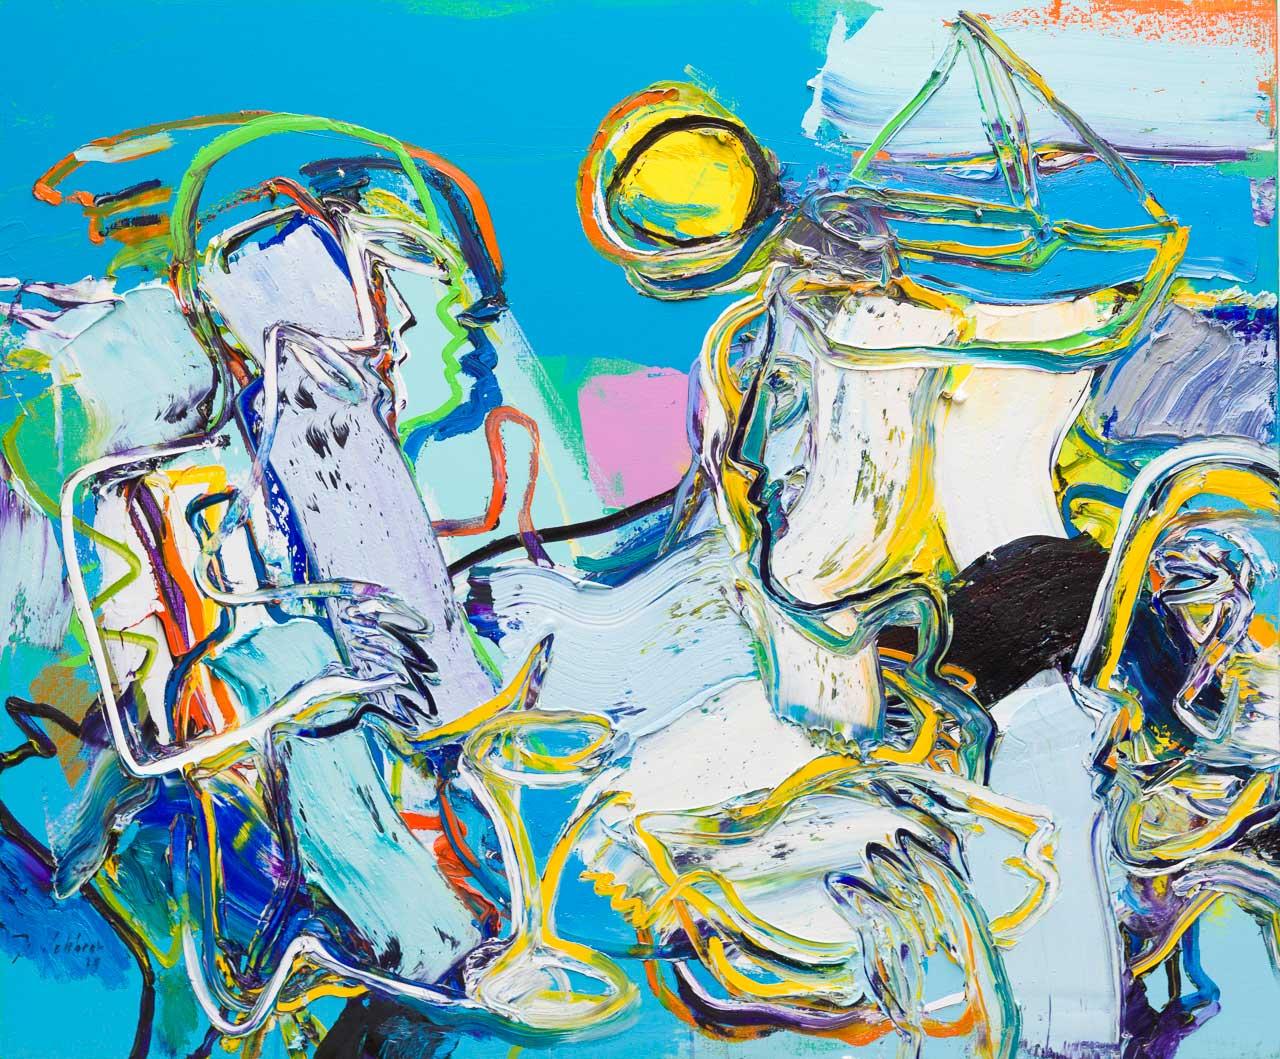 Figuur compositie 100 x 120 cm, olieverf op doek